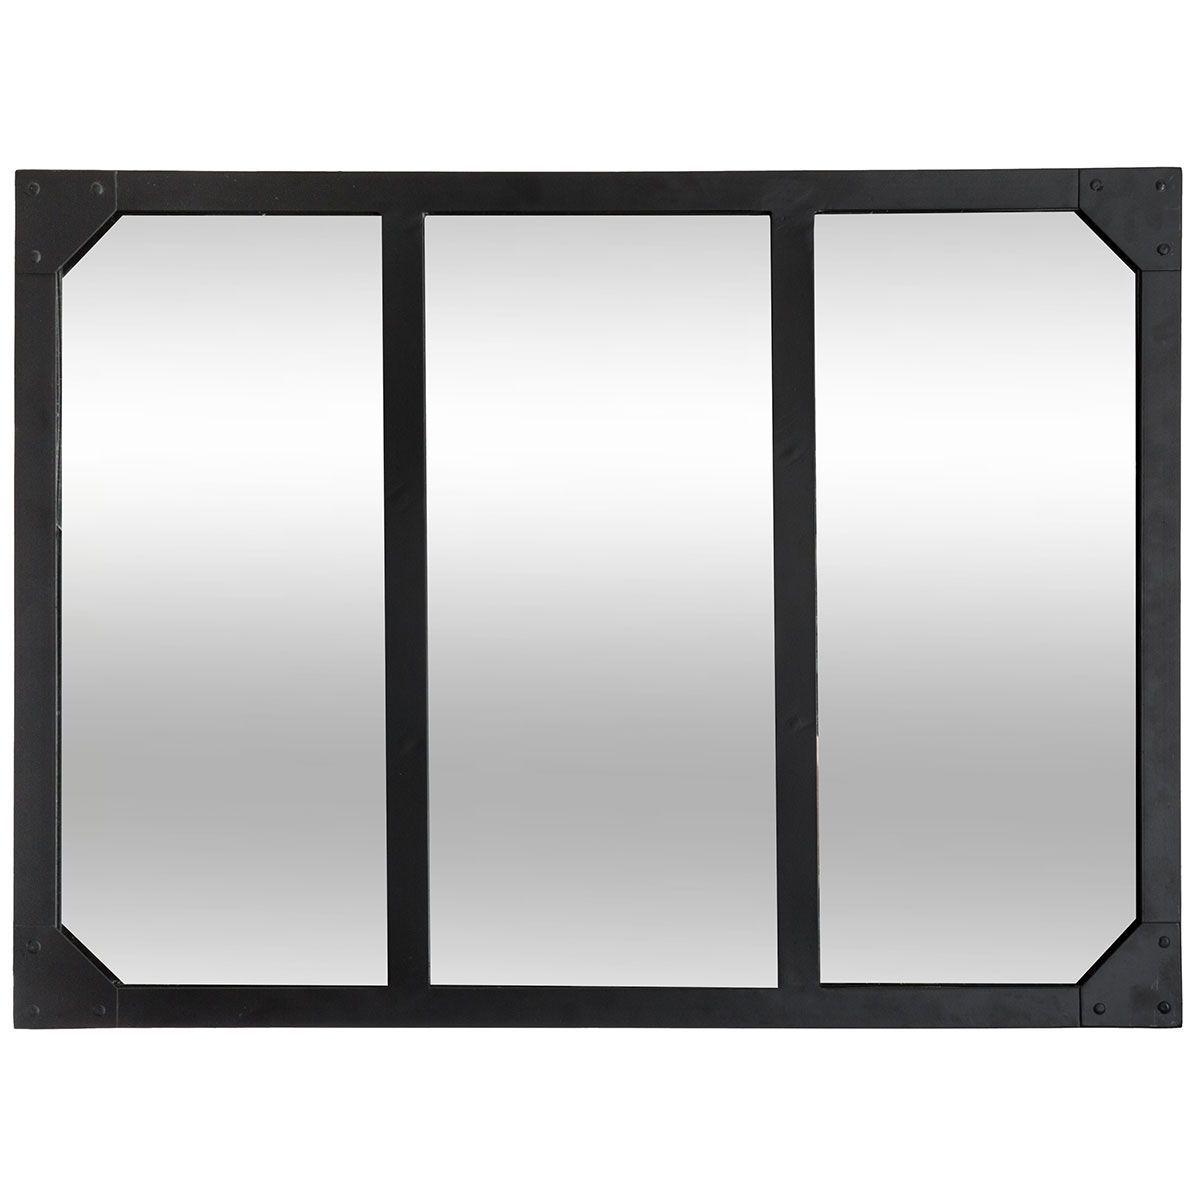 Miroir atelier noir 3 bandes